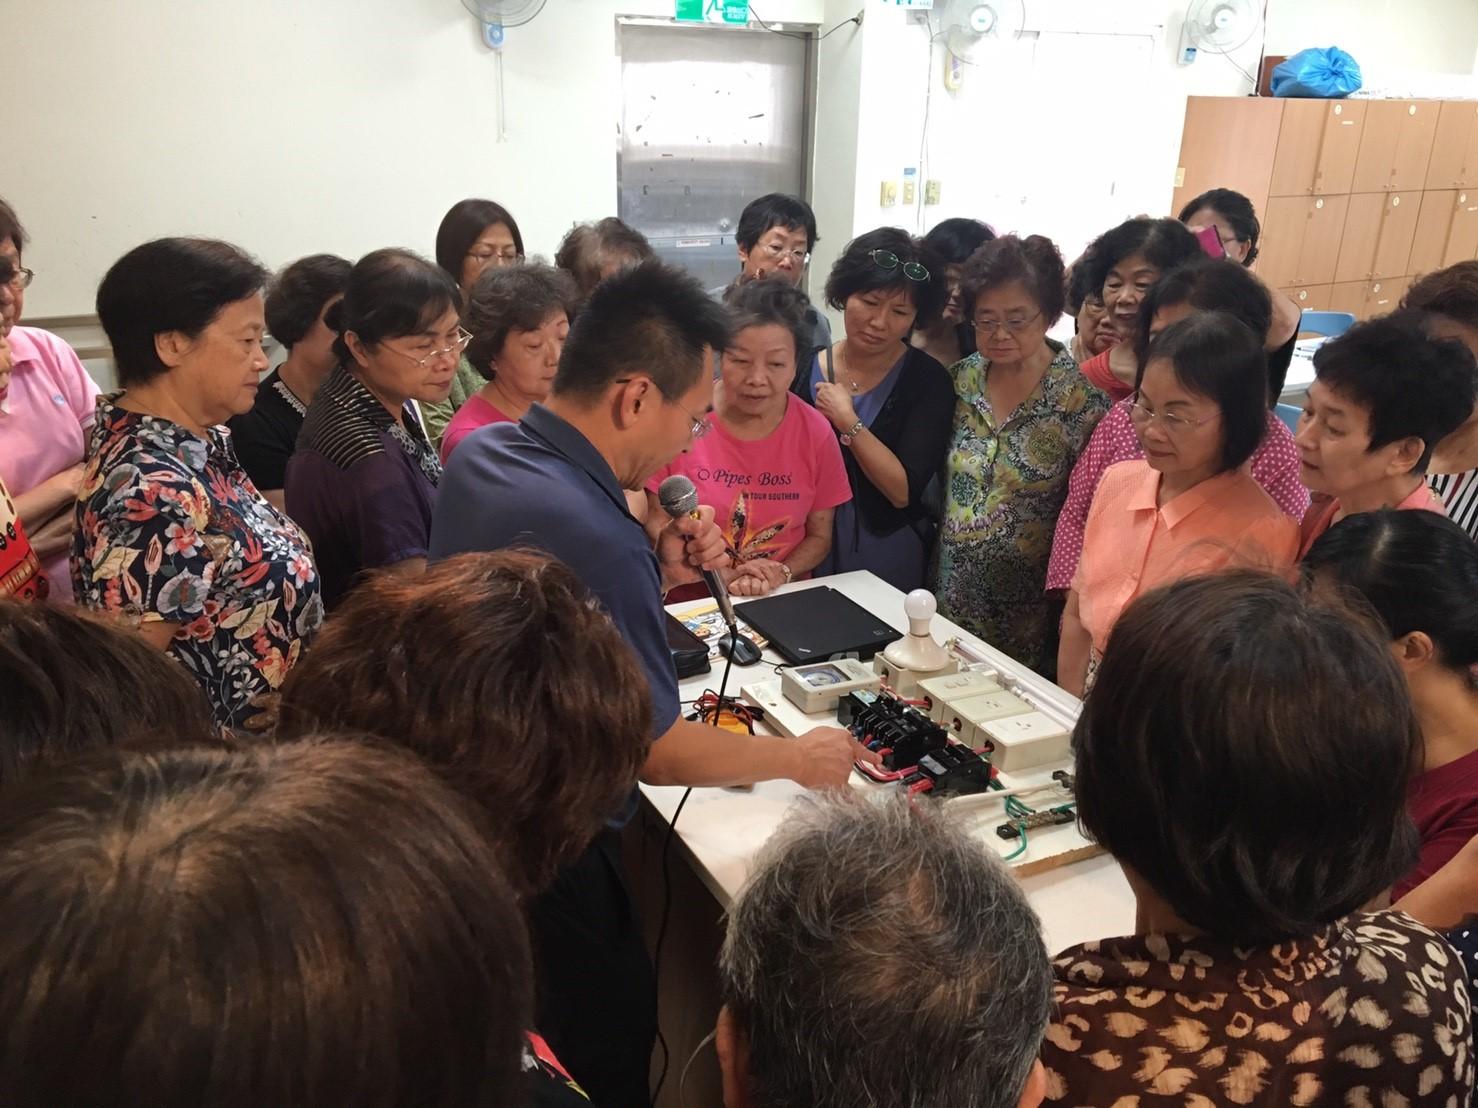 附加圖片,用電安全實地推廣活動成果-台北市